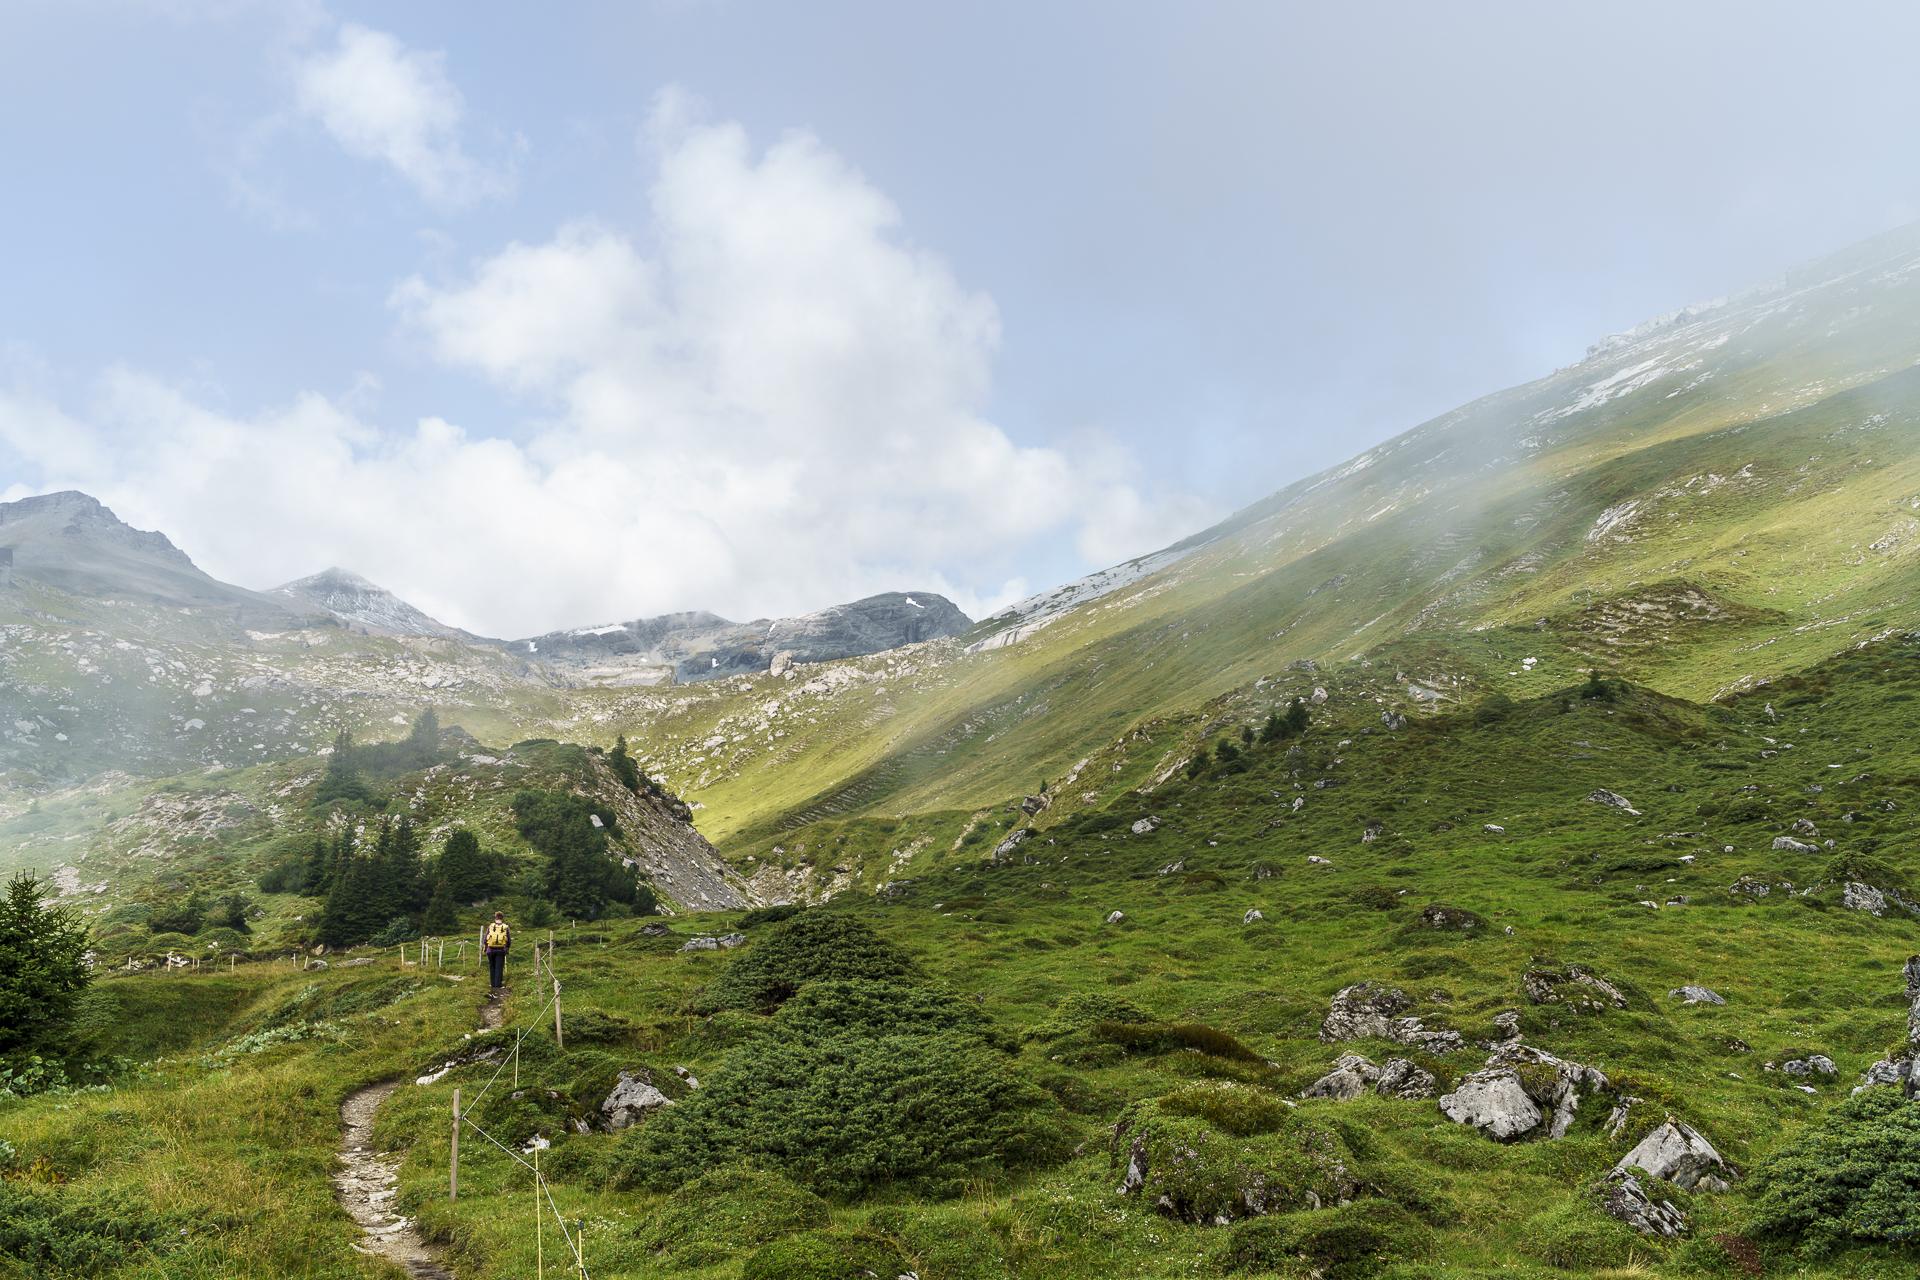 Wanderung zur Segneshütte